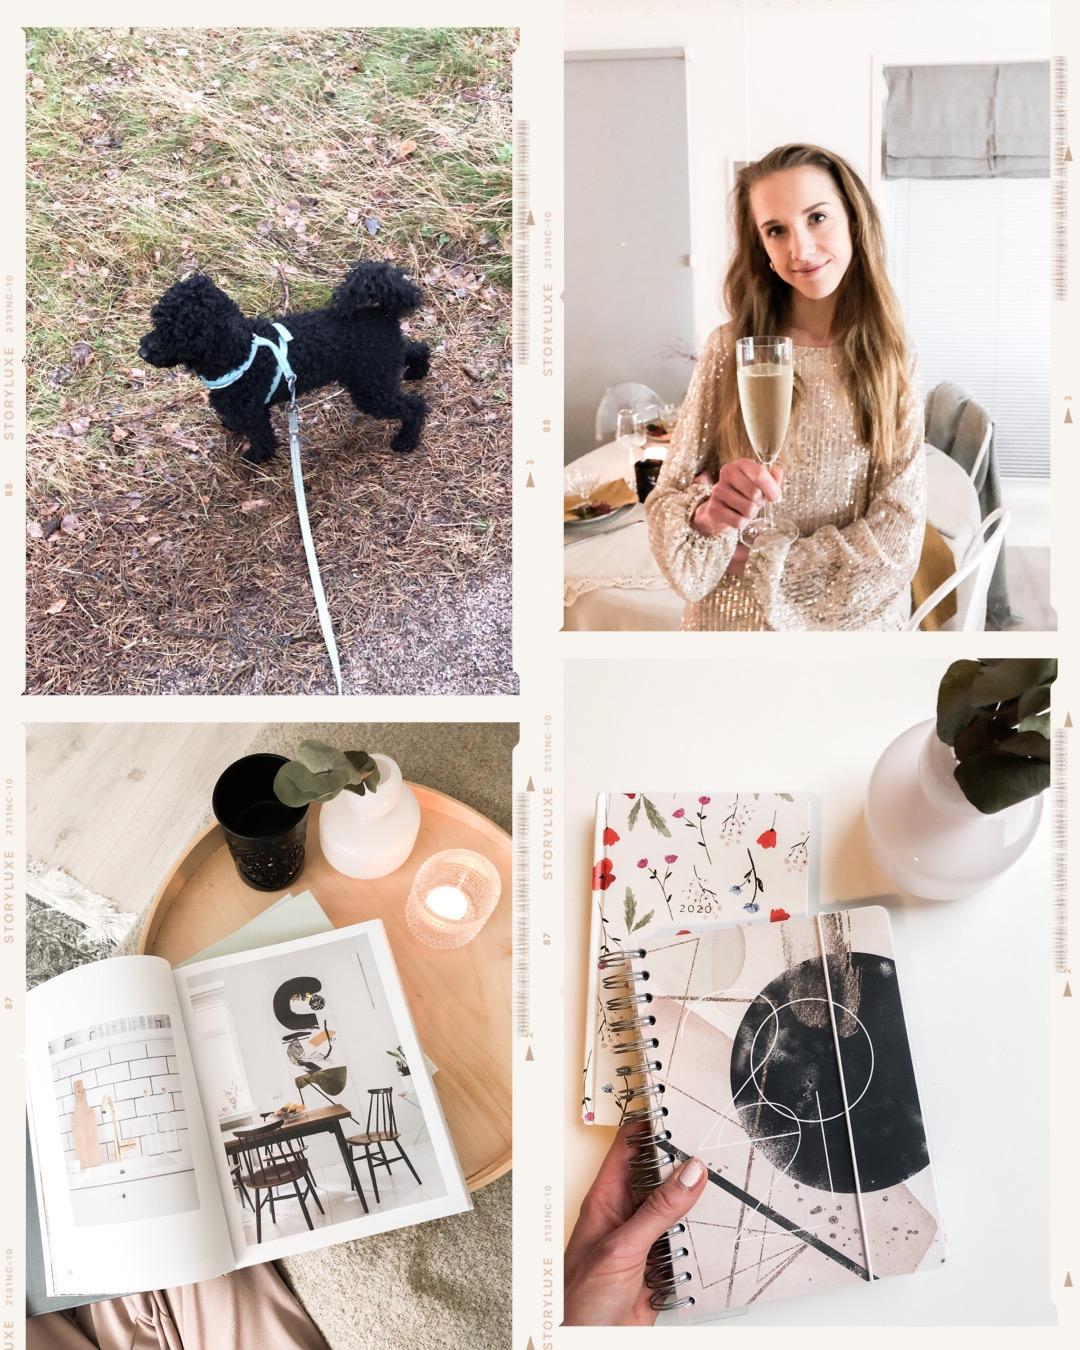 Kääpiövillakoita, paljettimekko, uusi vuosi, sisustuskirja, Personal Planner // Mini poodle, sequin dress, New Year's Eve, interior book, Personal Planner